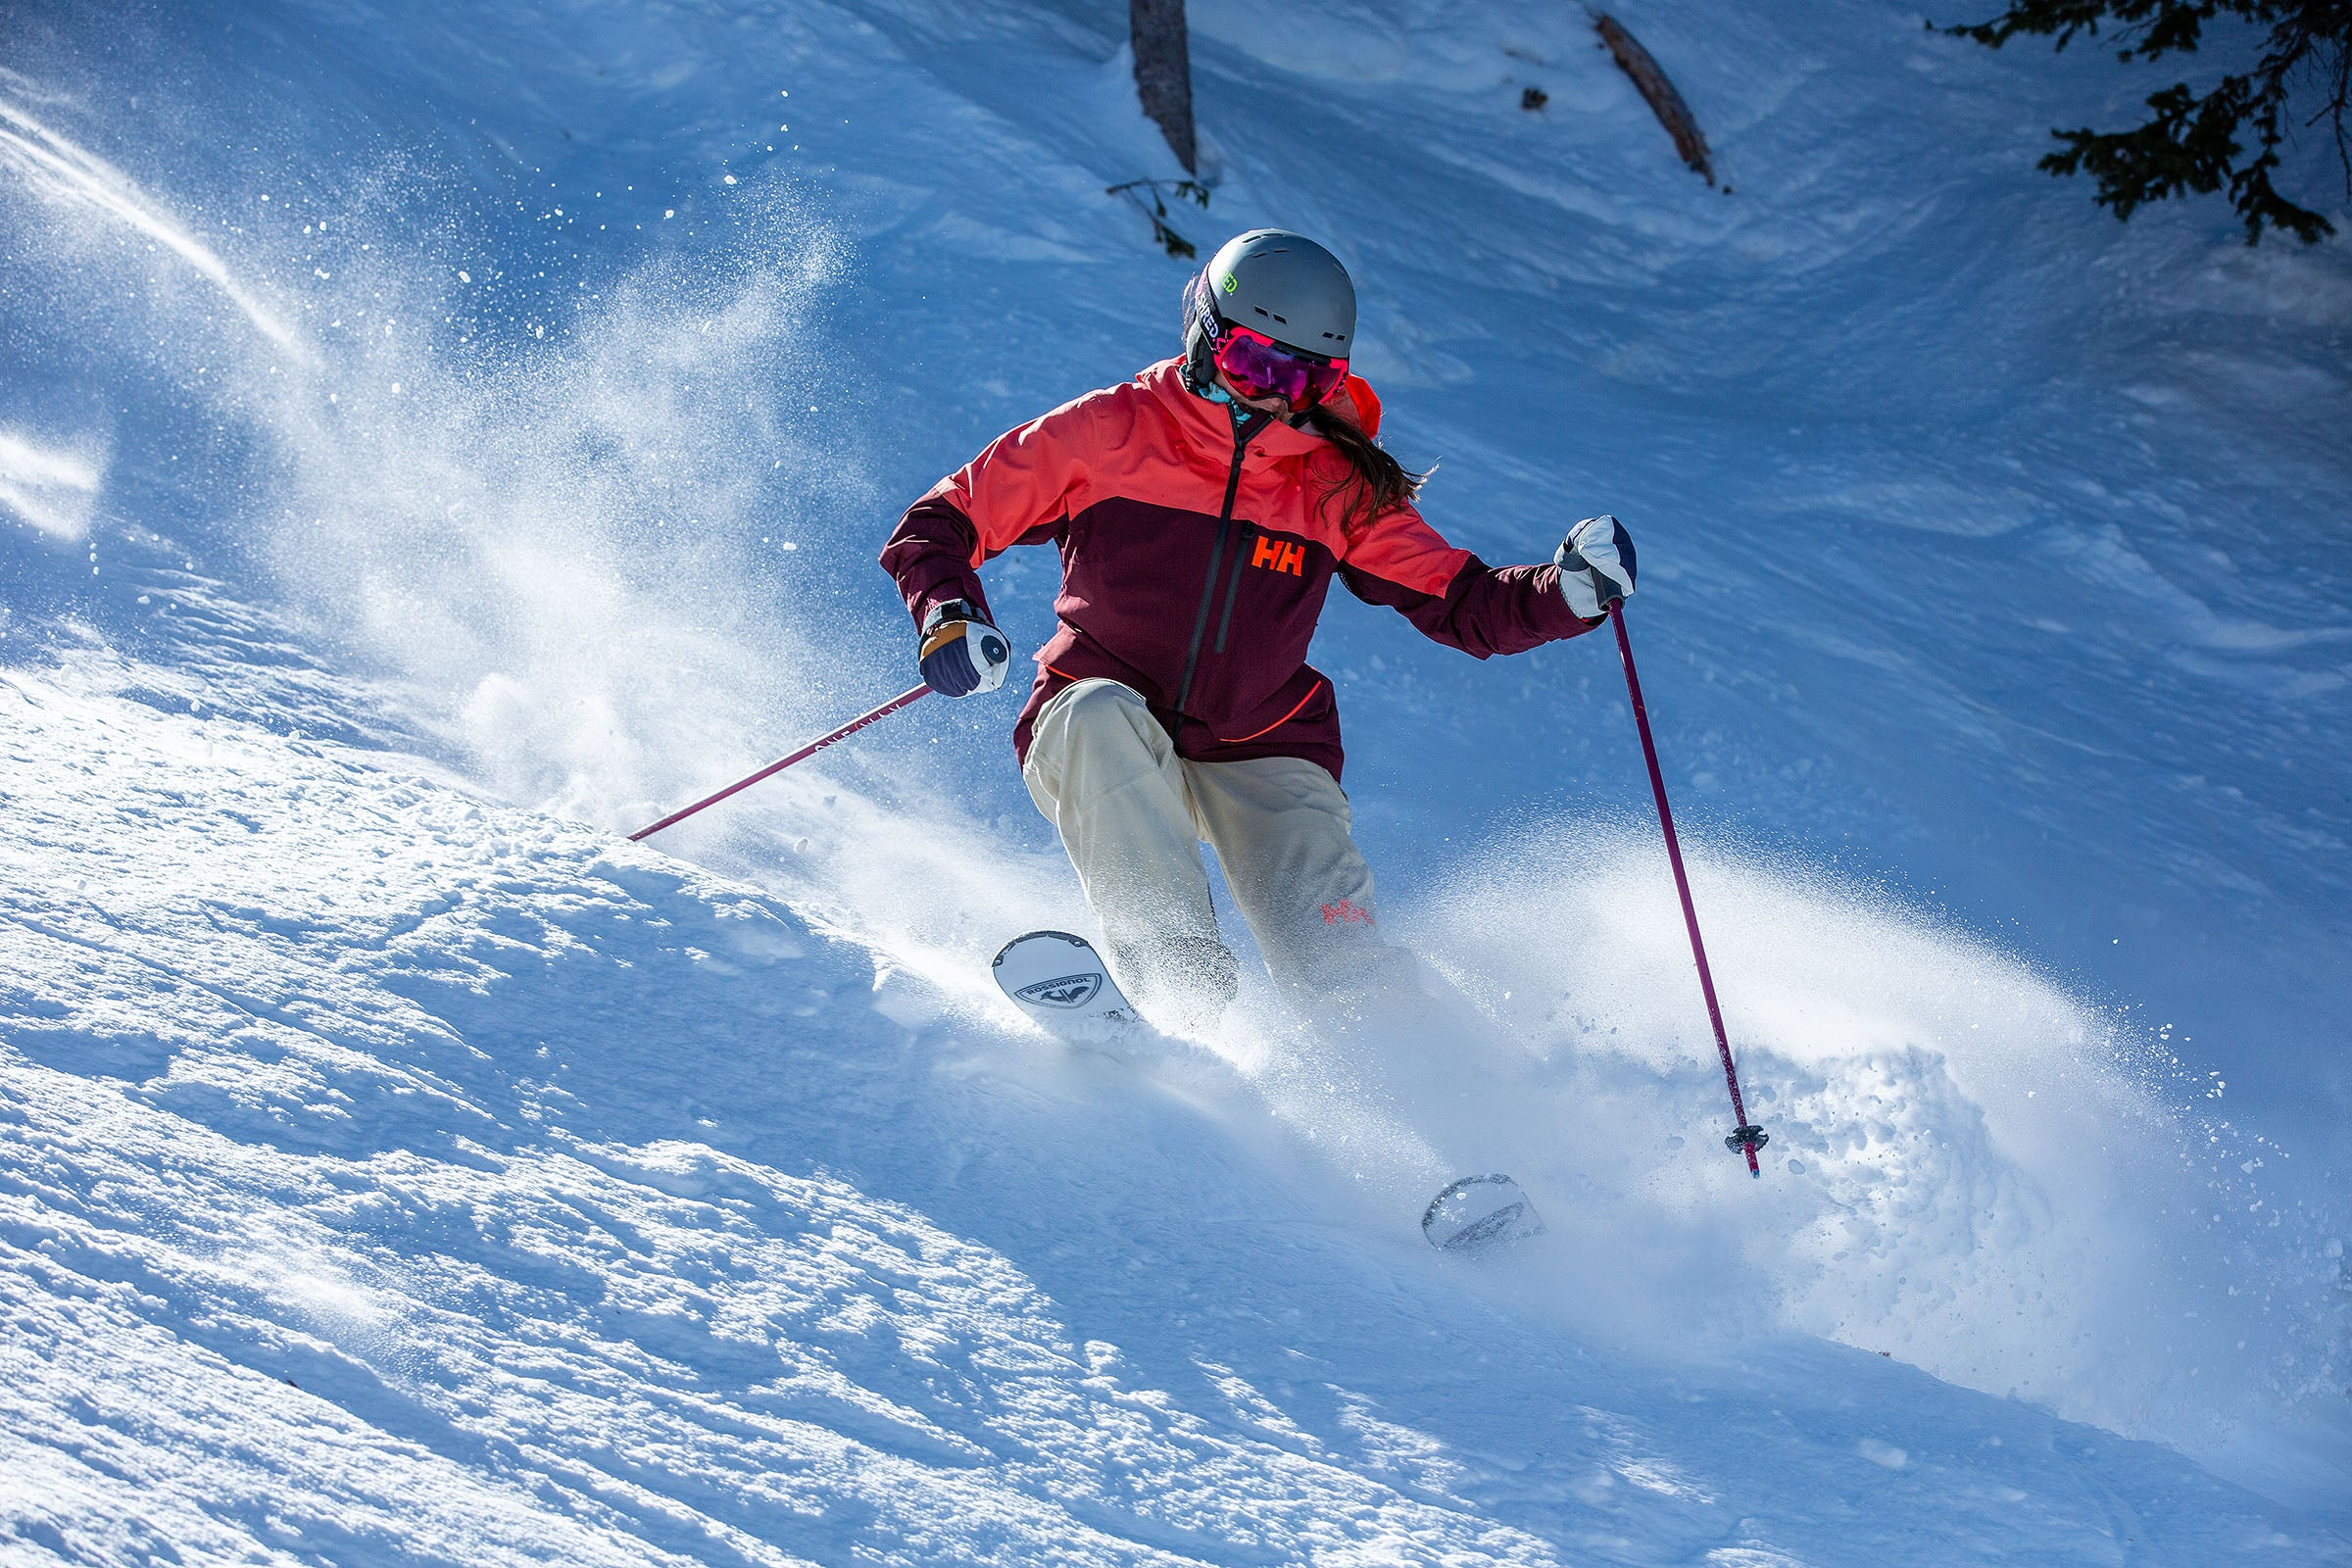 Skier on steep, technical terrain